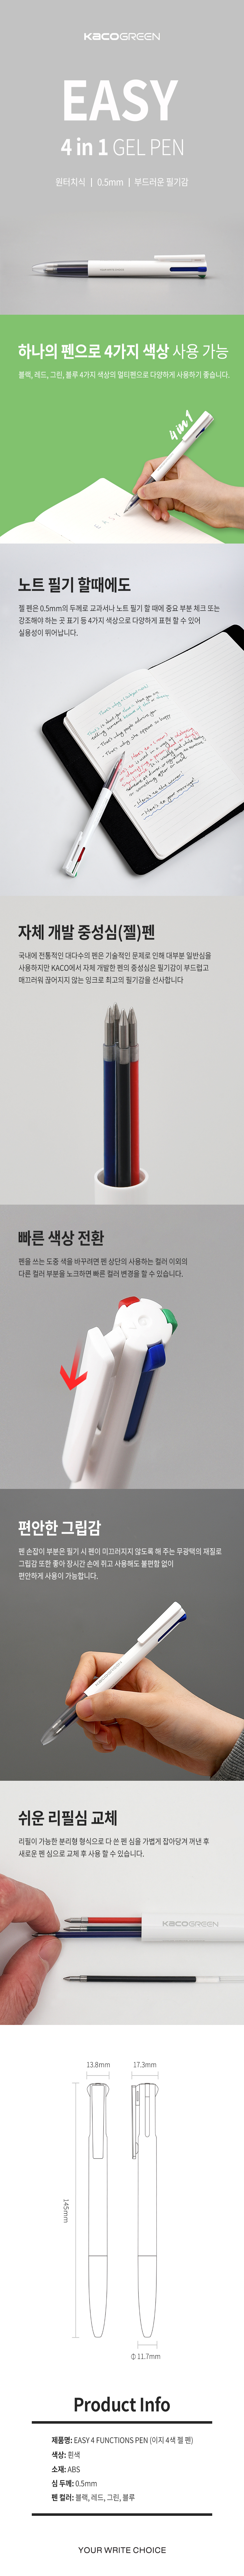 이지 4색 원터치 노크식 젤펜 - 카코, 4,500원, 볼펜, 멀티색상 볼펜